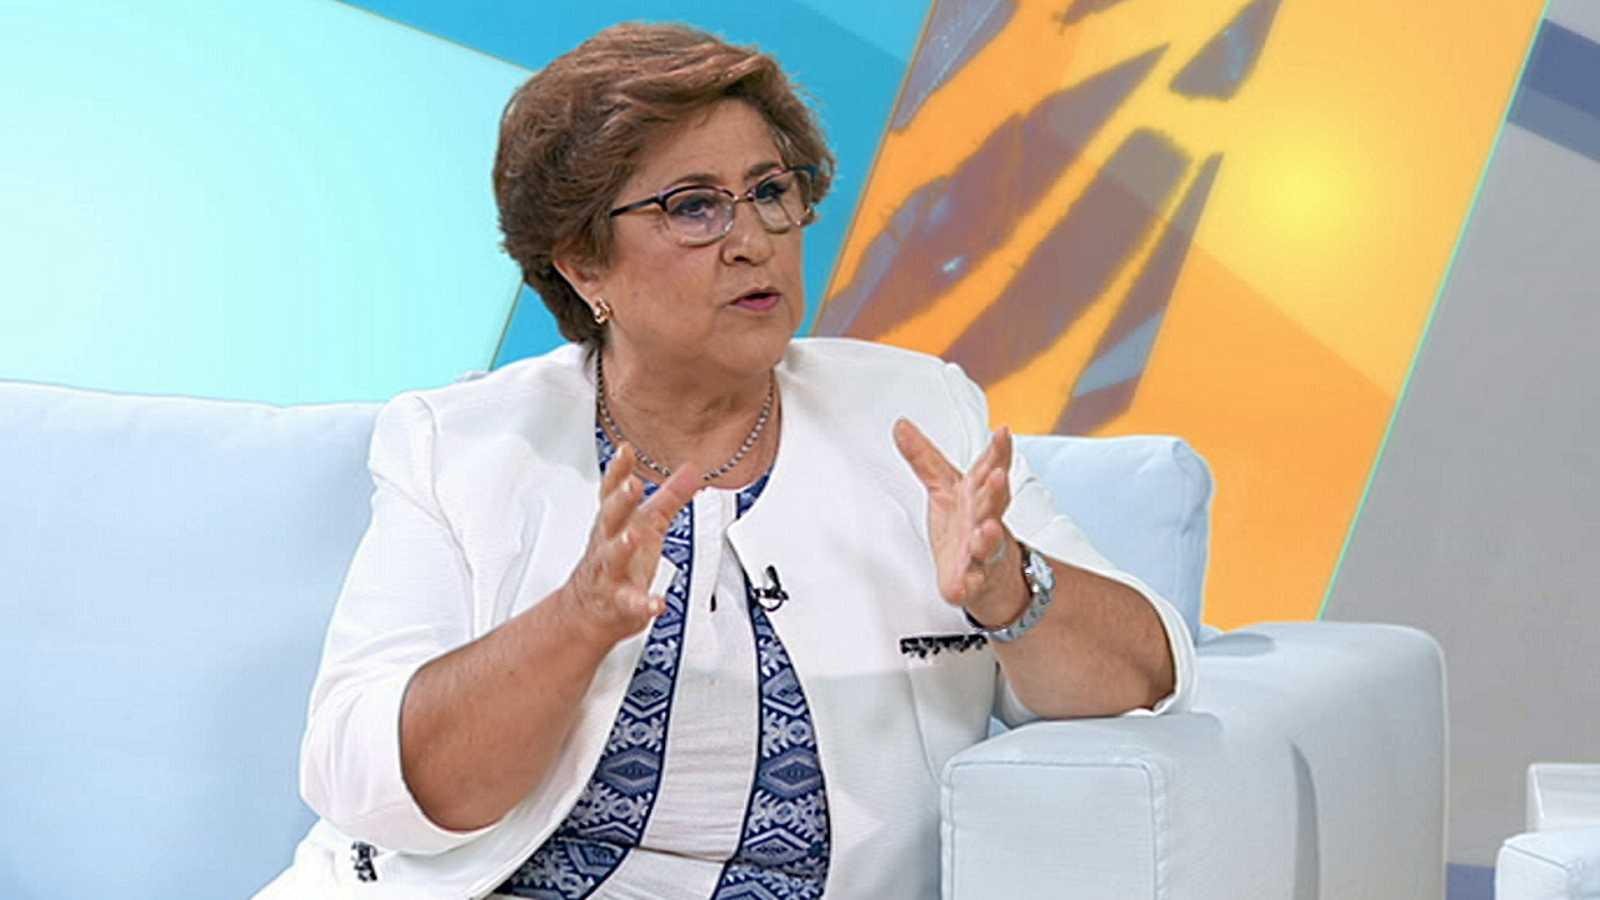 Shalom - Perla Wahnon preside la ciencia de España - ver ahora